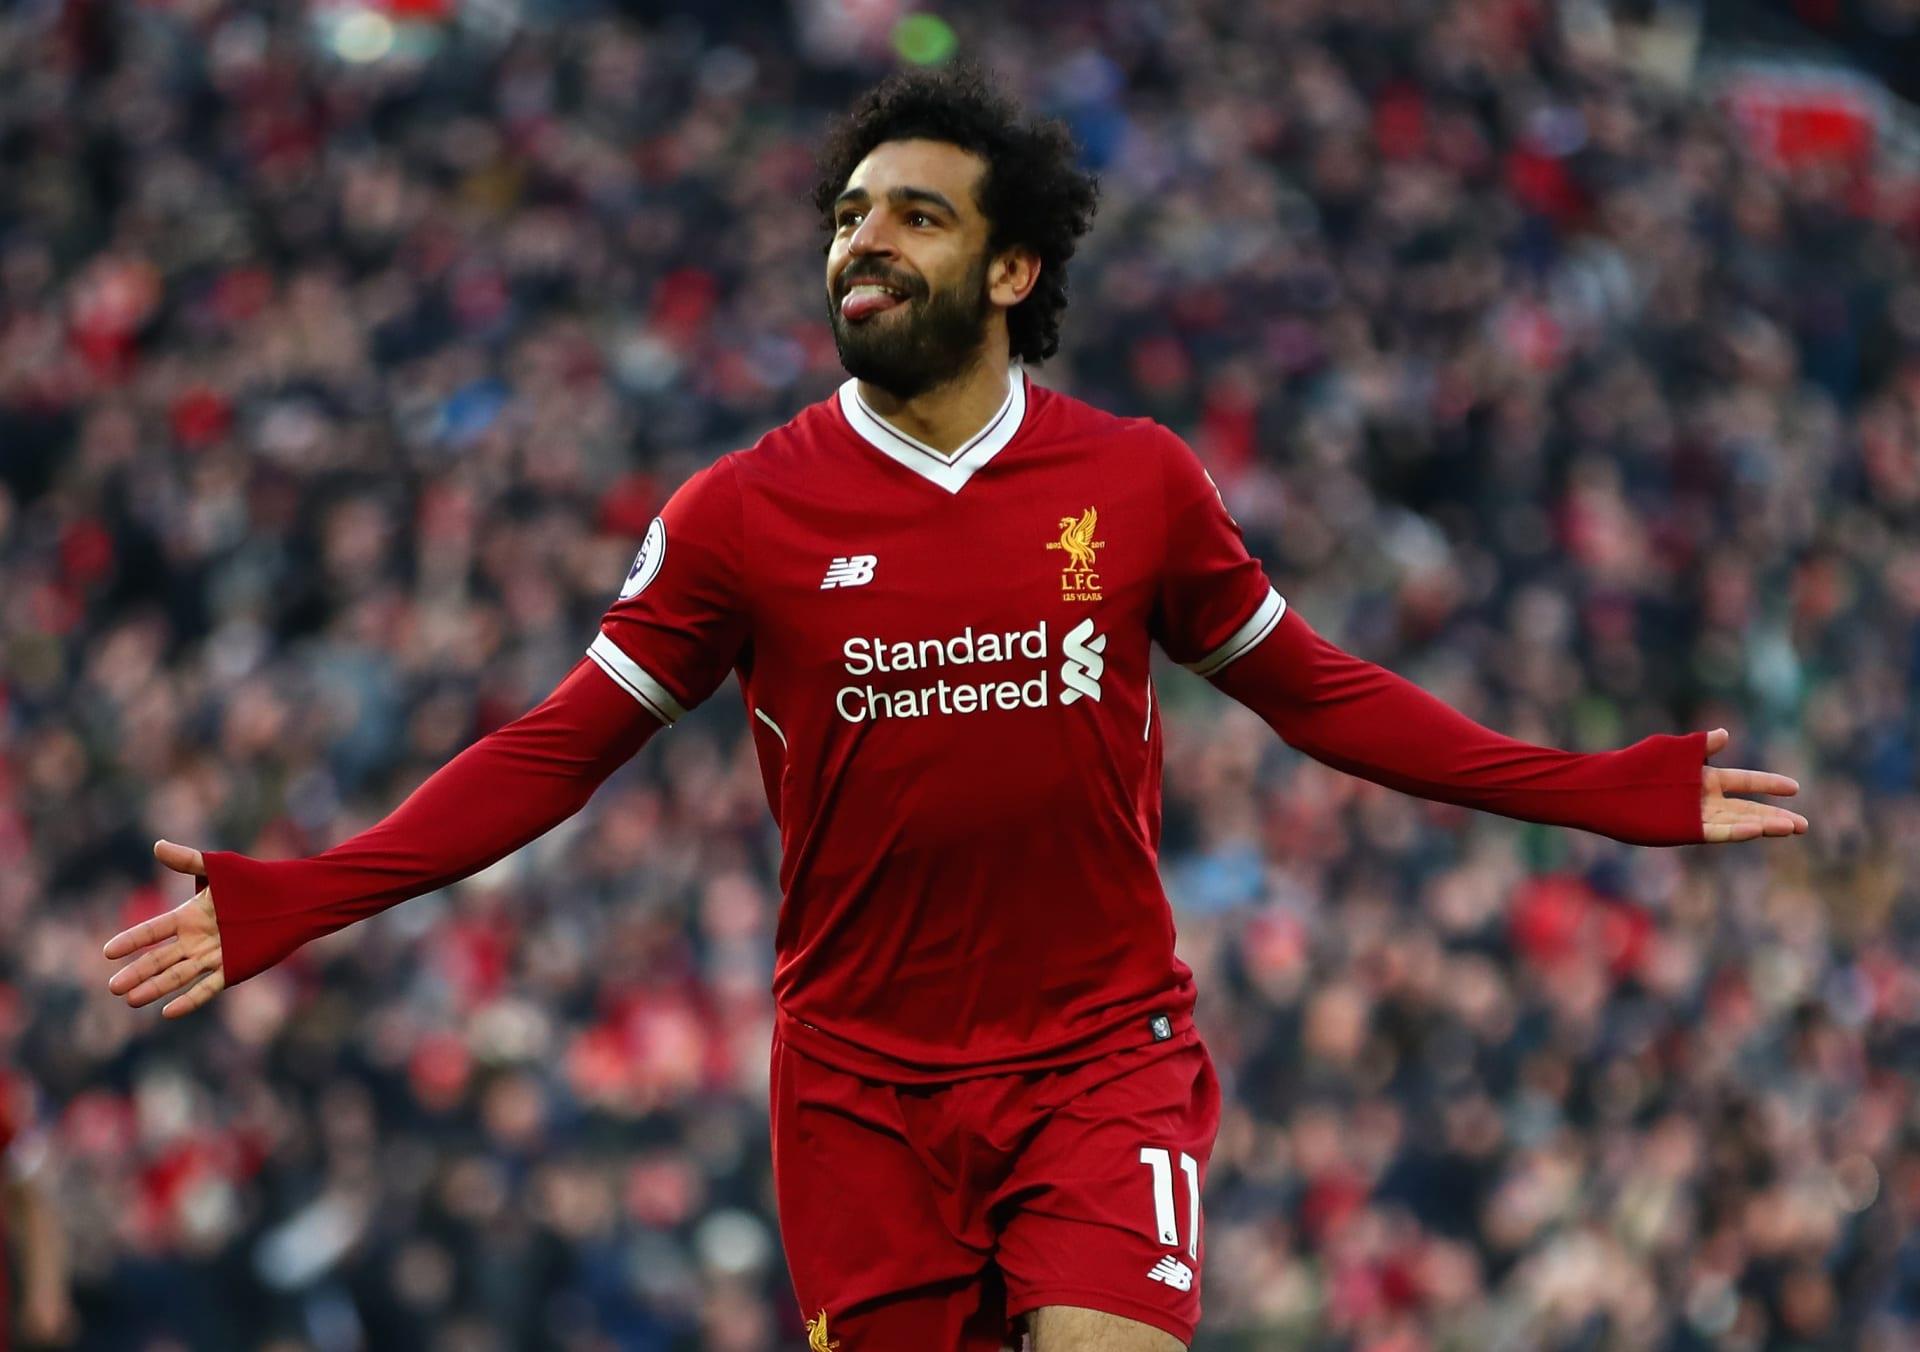 لاعب مانشستر يونايتد السابق: محمد صلاح يصلح لفريق في الدرجة السادسة